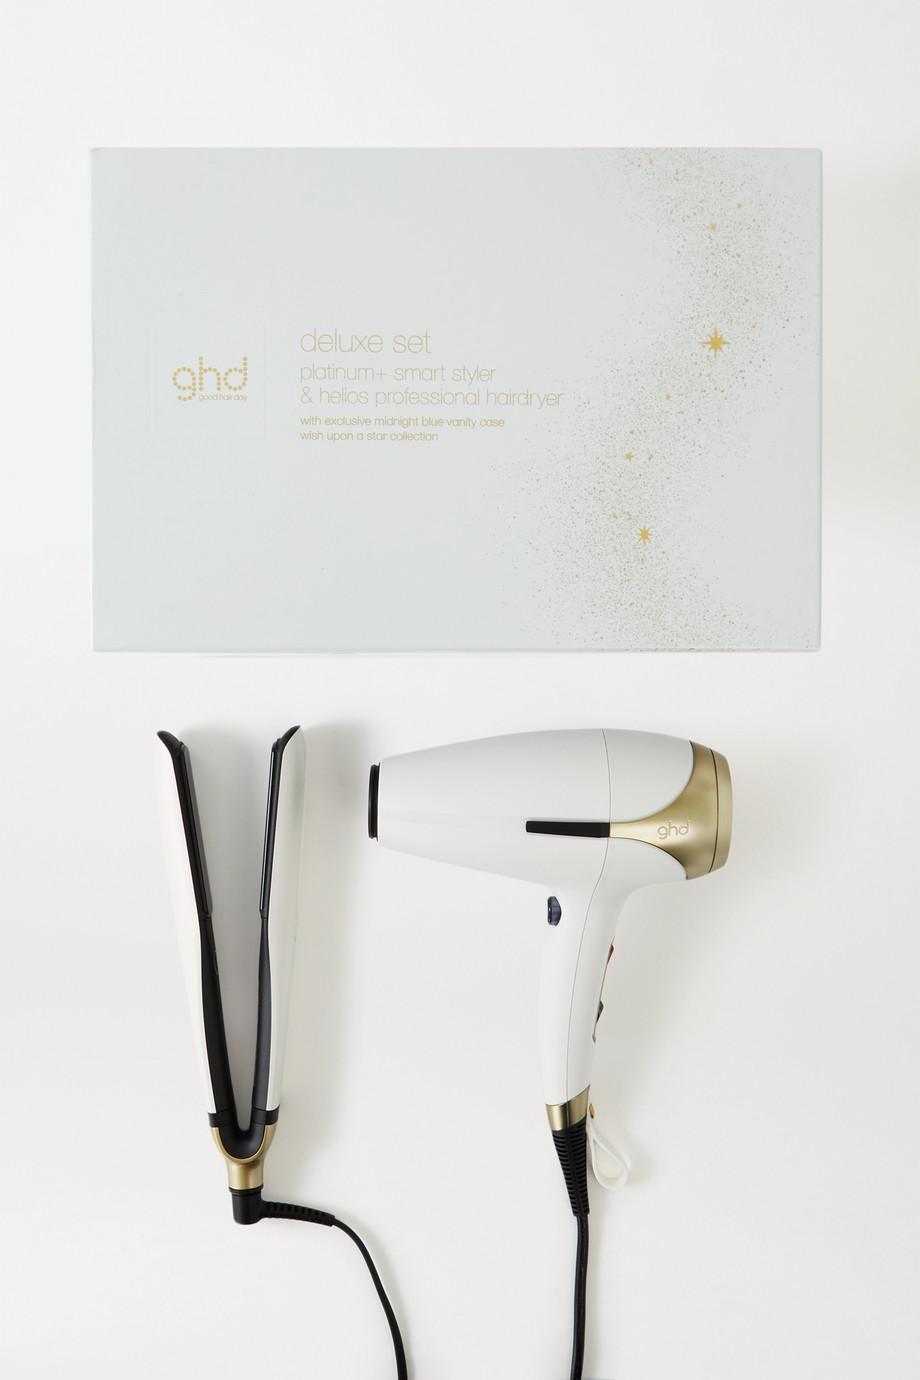 ghd Coffret cadeau deluxe sèche-cheveux et lisseur en édition limitée Platinum+ & Helios, prise britannique 3broches